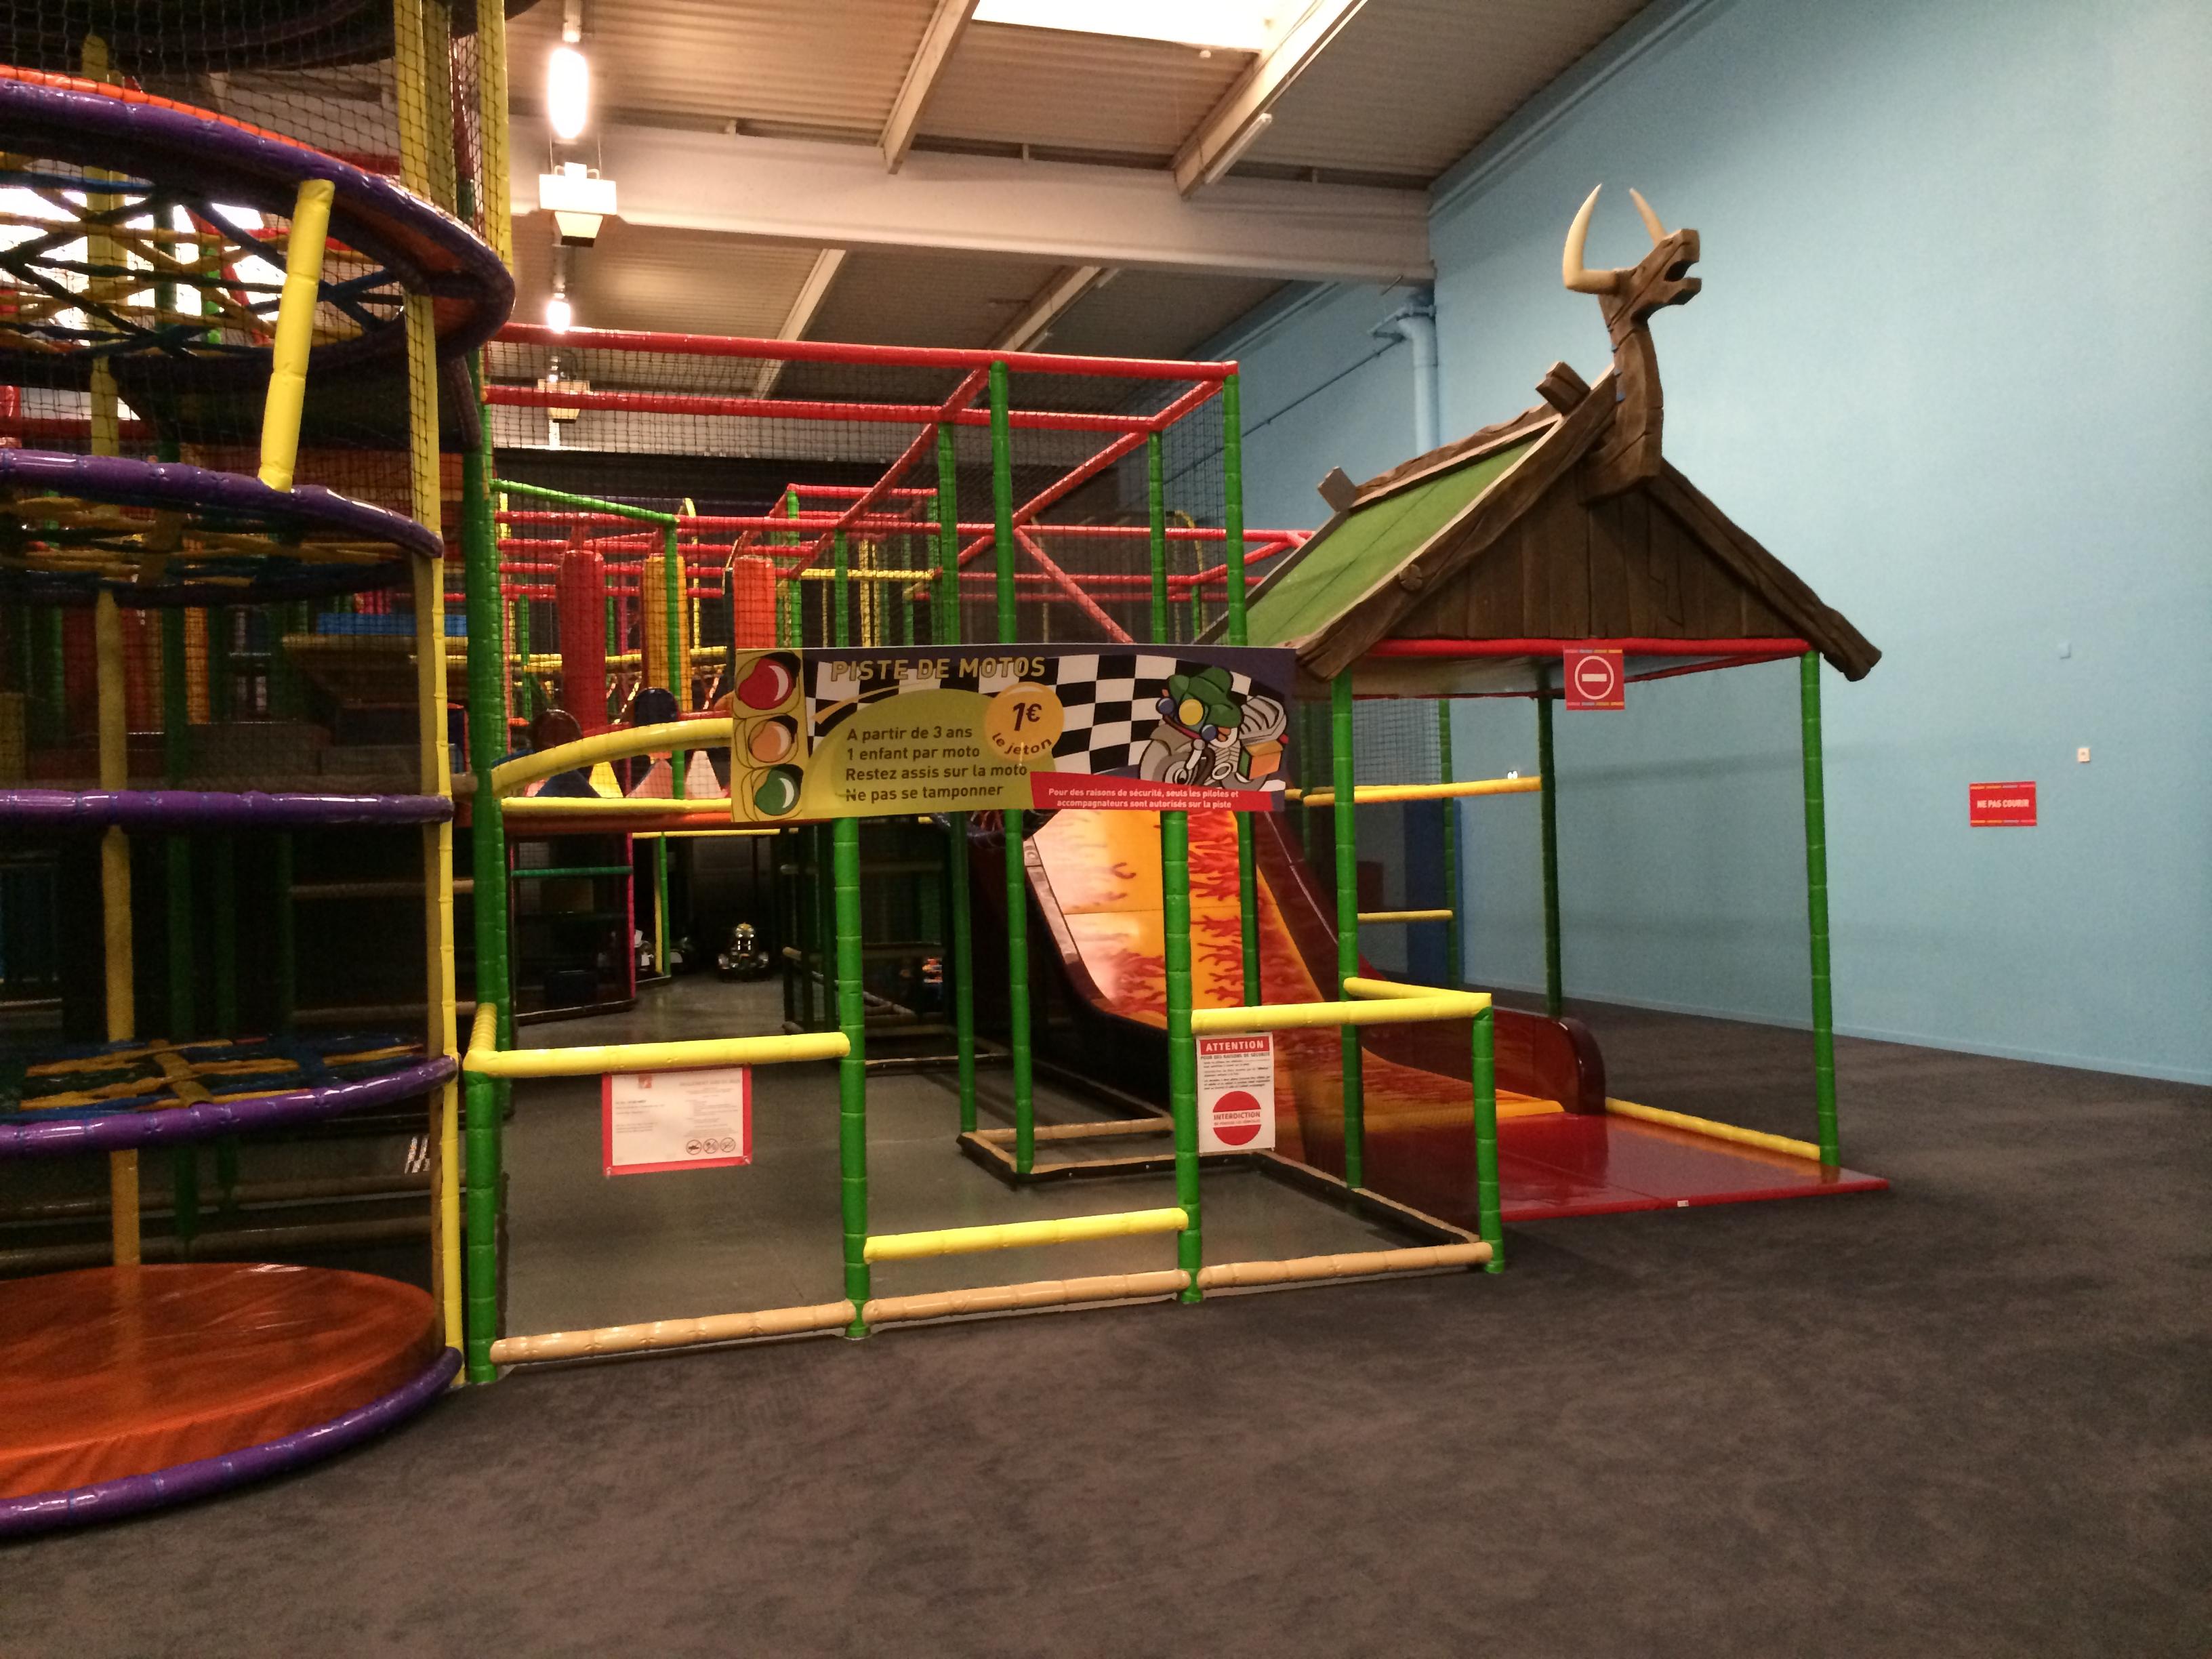 Paris nord 2 royal kids - Liste magasin paris nord 2 ...